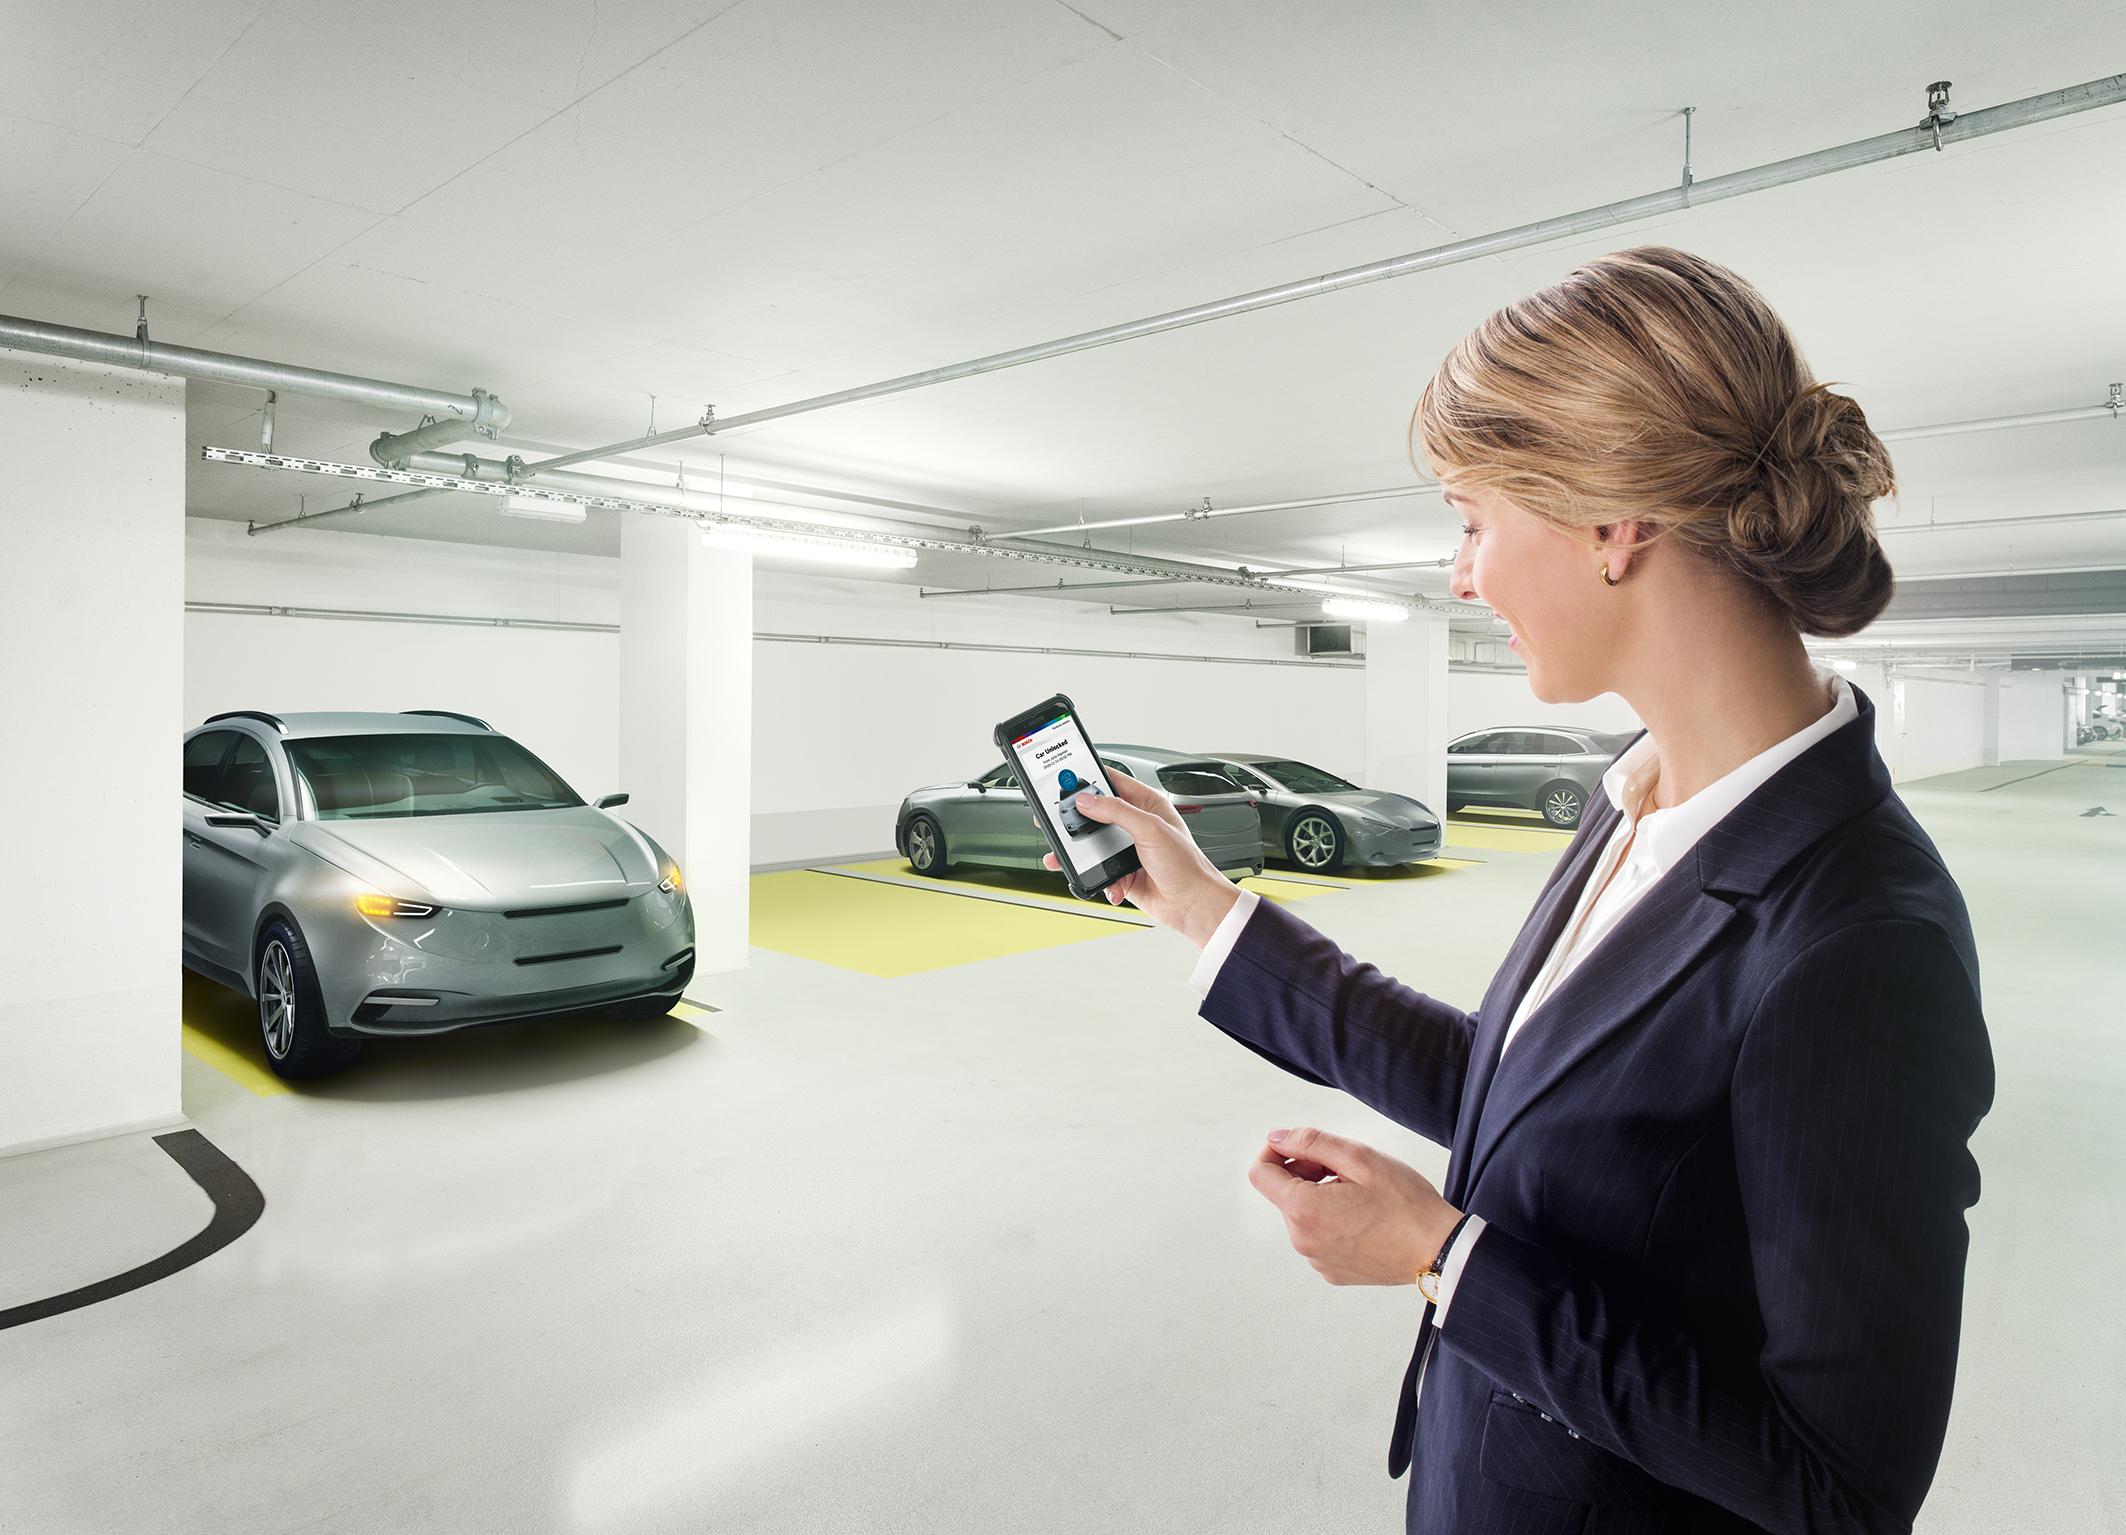 Systém Perfectly Keyless od spoločnosti Bosch